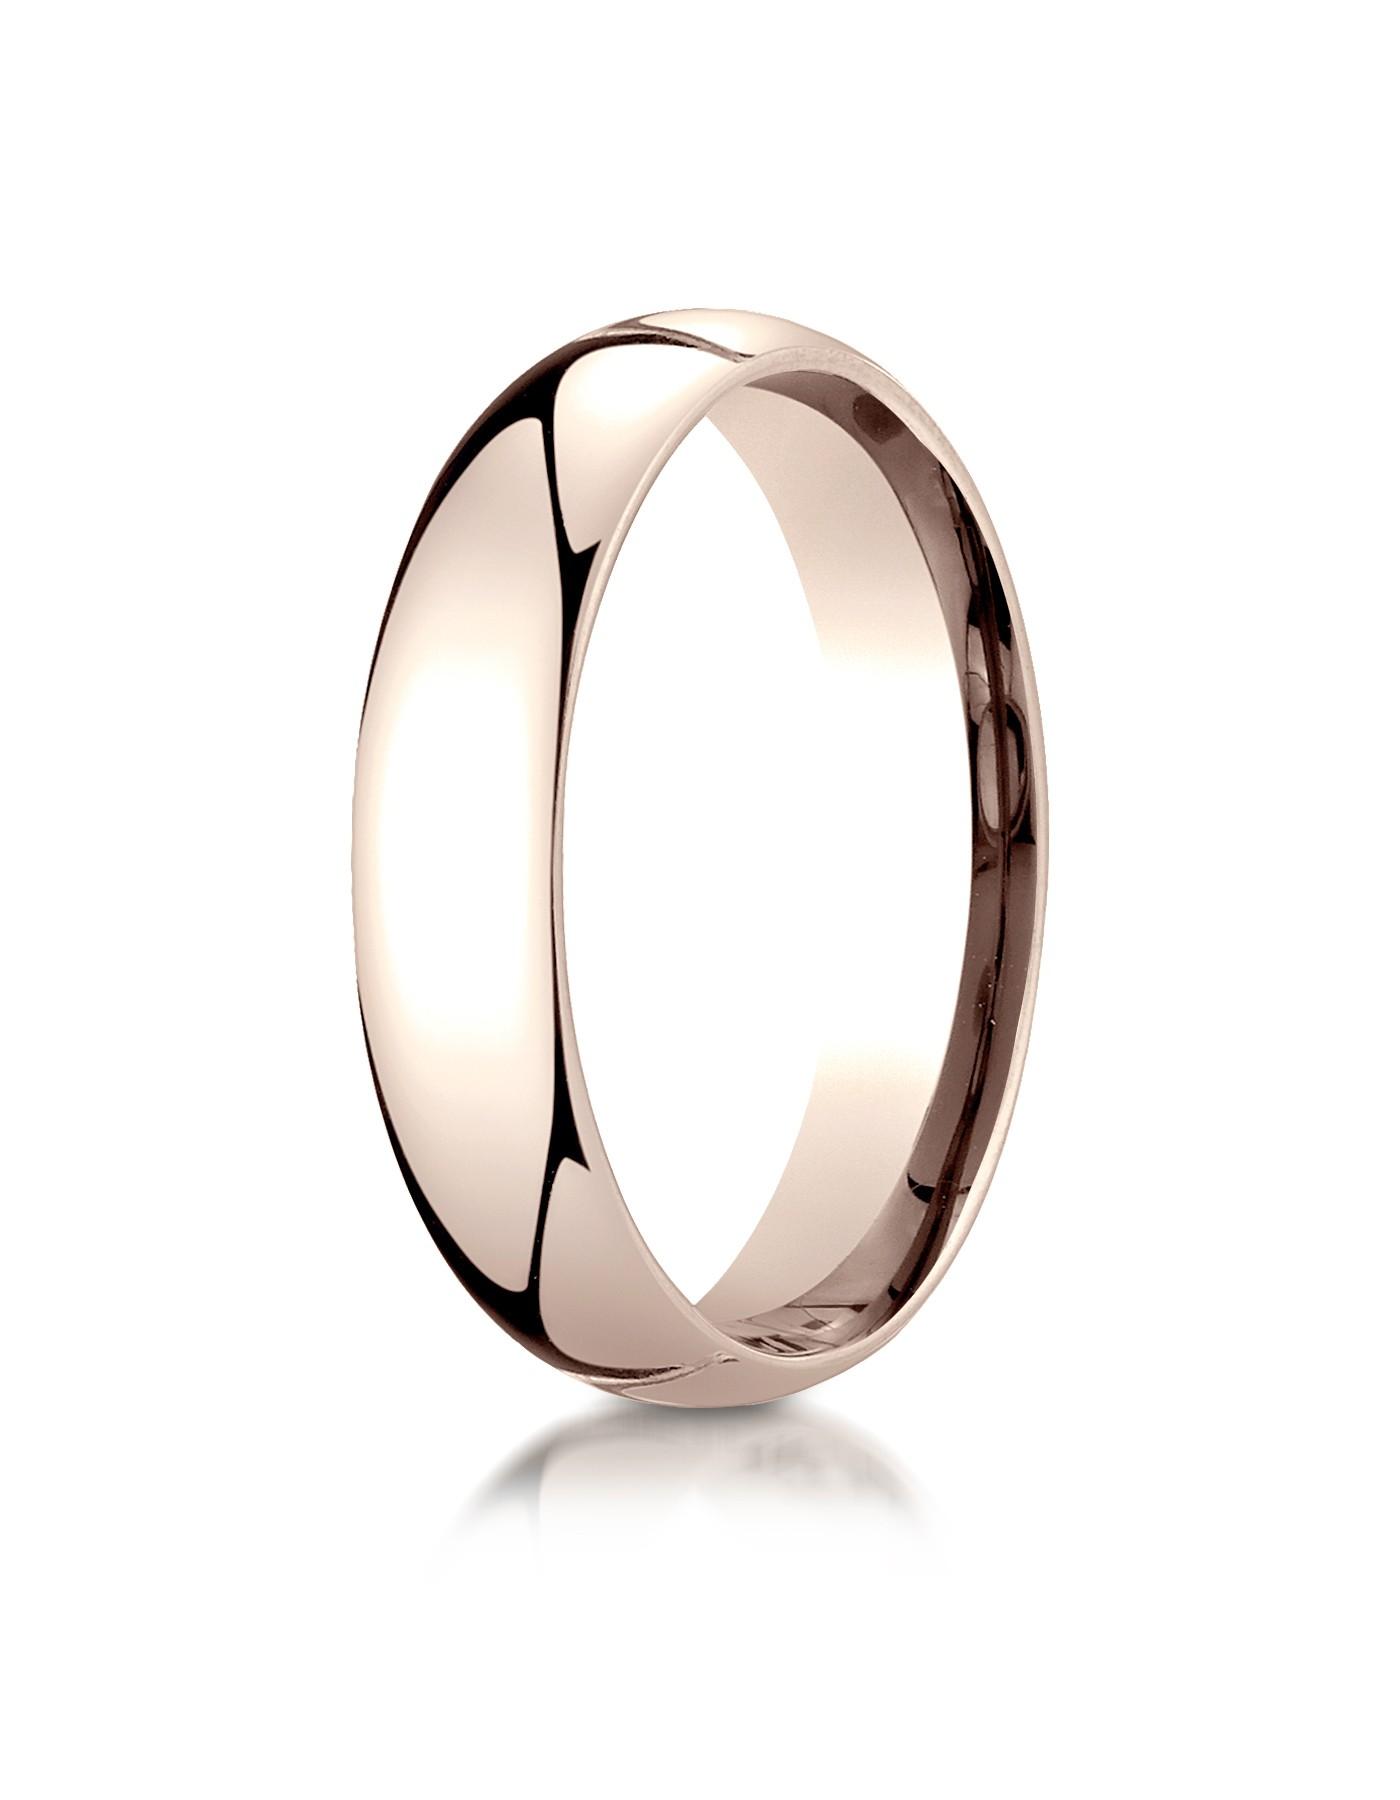 14k Rose Gold 5mm Slightly Domed Standard Comfort-fit Ring